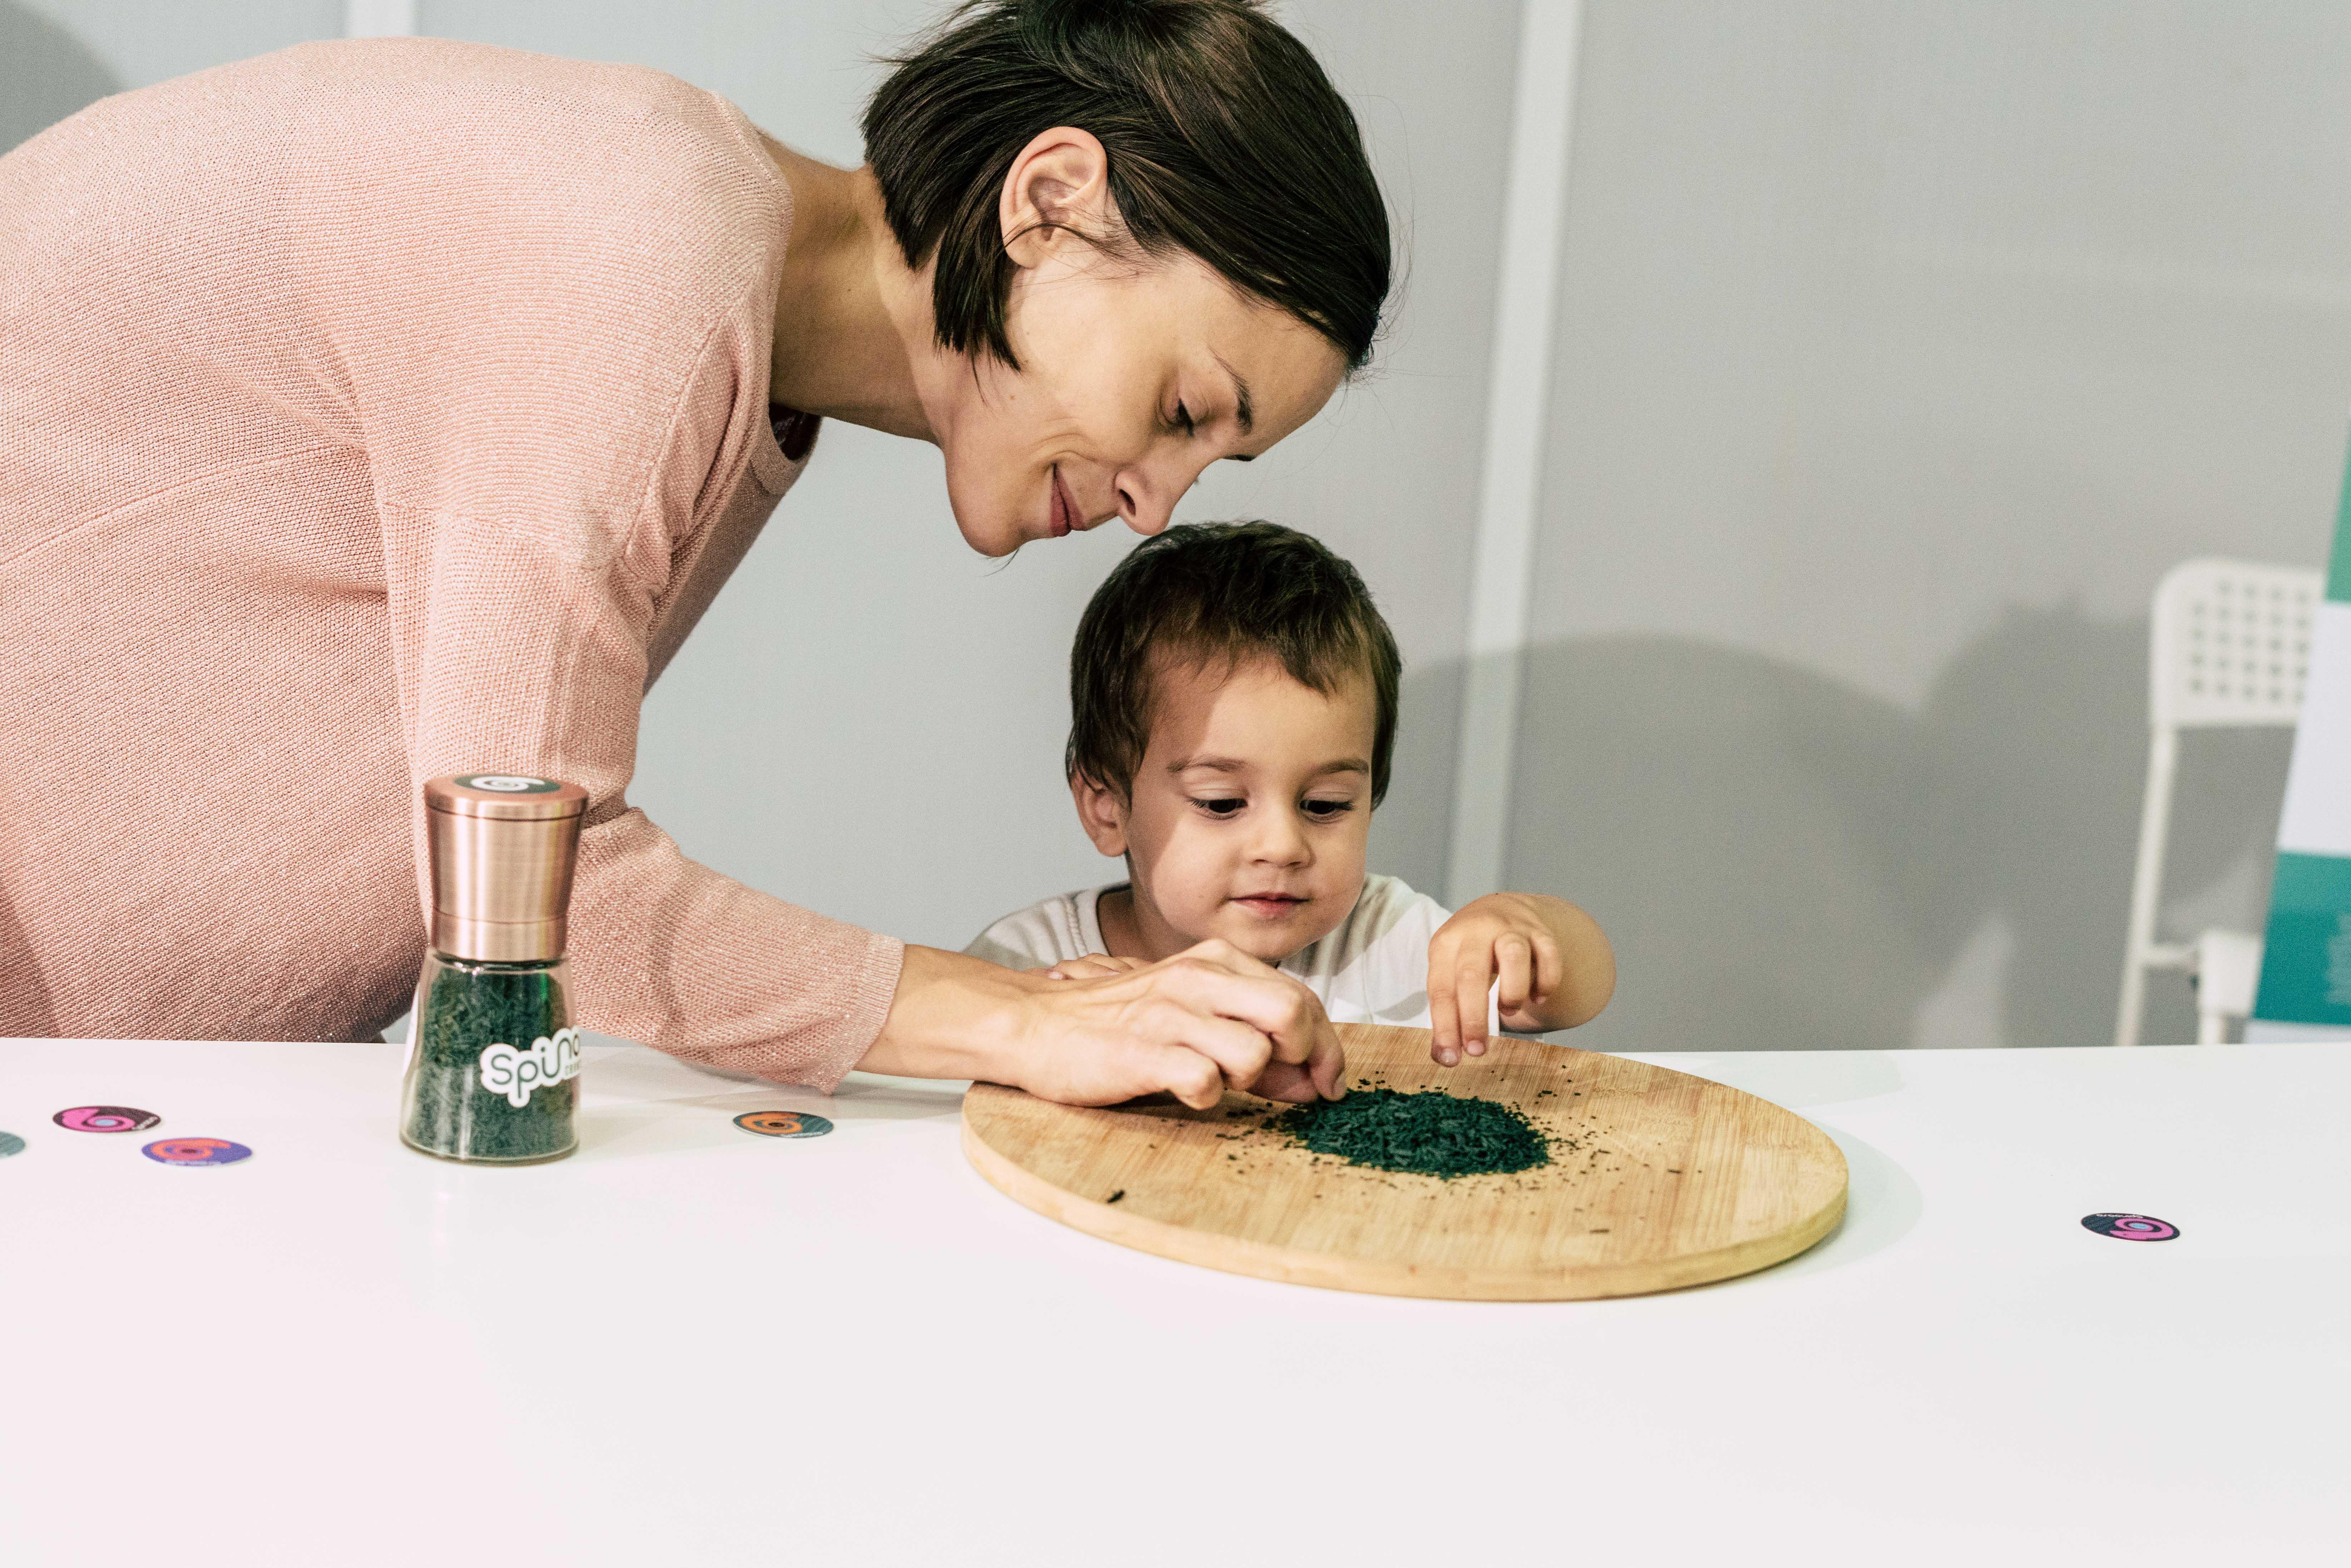 INOVAȚIE: minifermă de spirulină artizanală pentru acasă